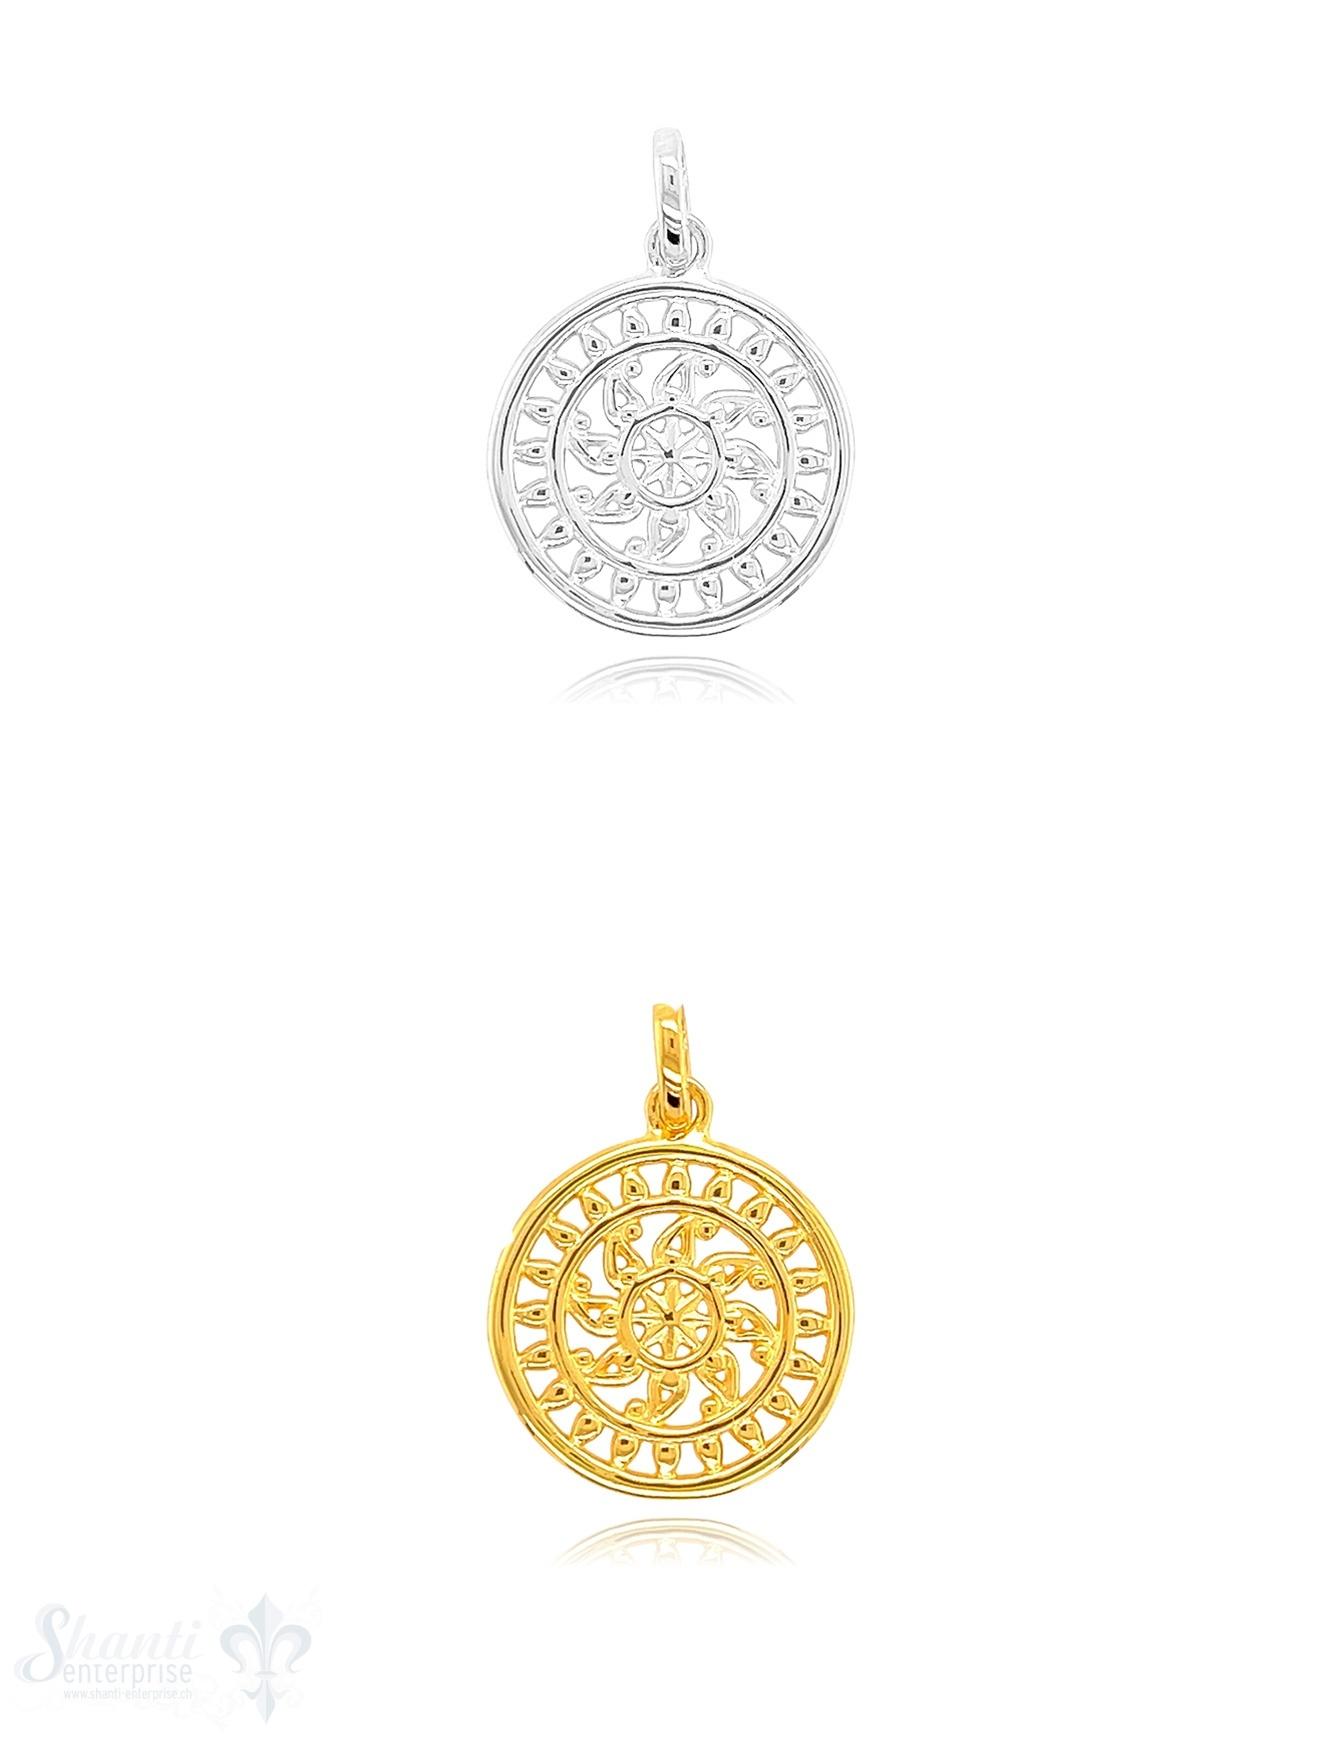 Sonnen Amulett 18 mm Silber durchbrochen mit indischem Glücksrad verziert mit Öse